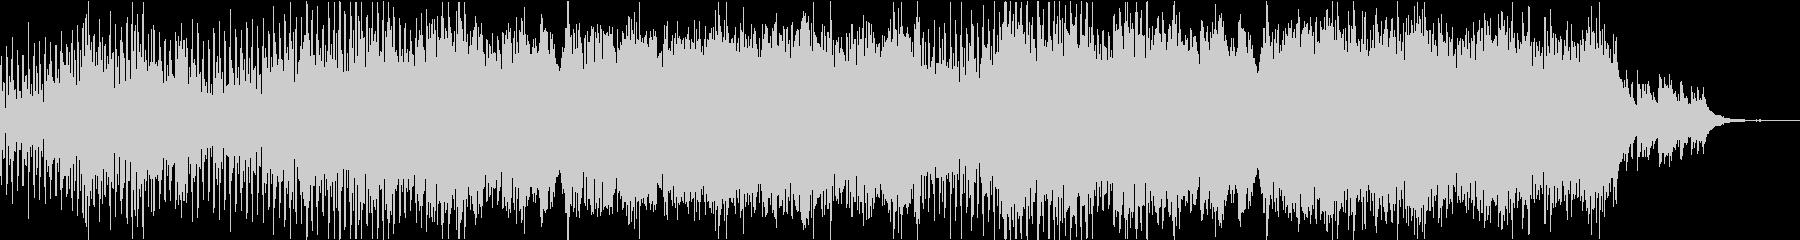 新しい ポップ 現代の交響曲 ポジ...の未再生の波形